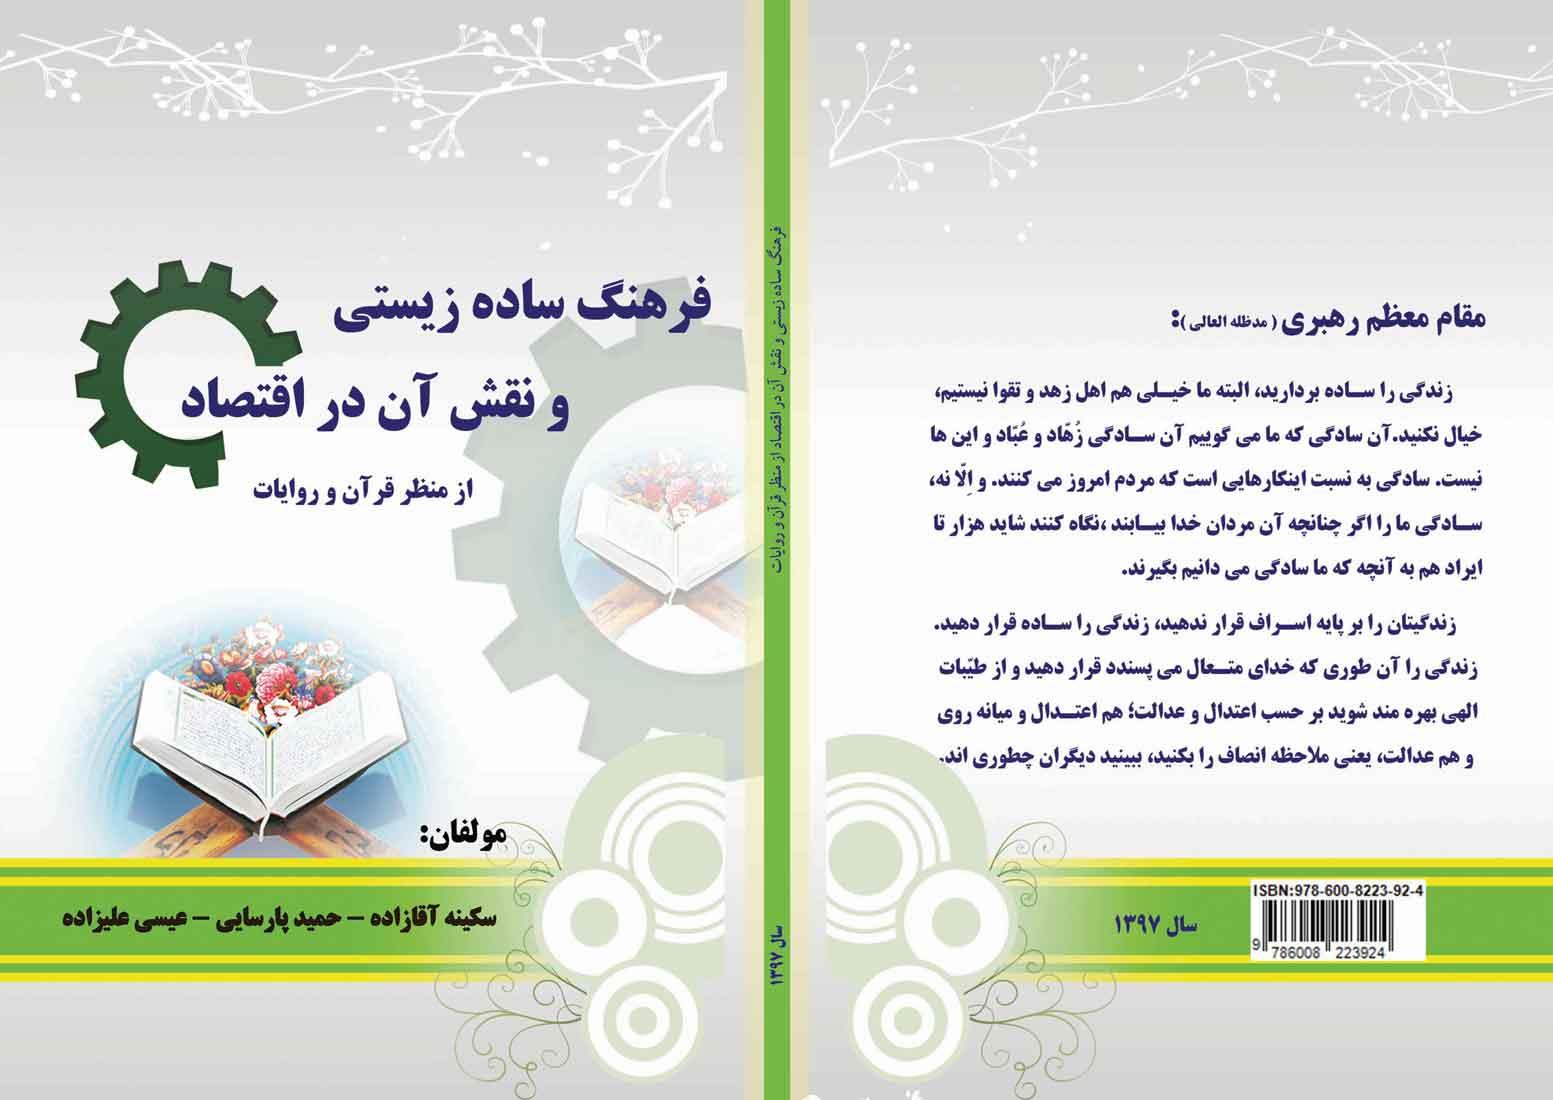 کتاب فرهنگ ساده زیستی و نقش آن در اقتصاد